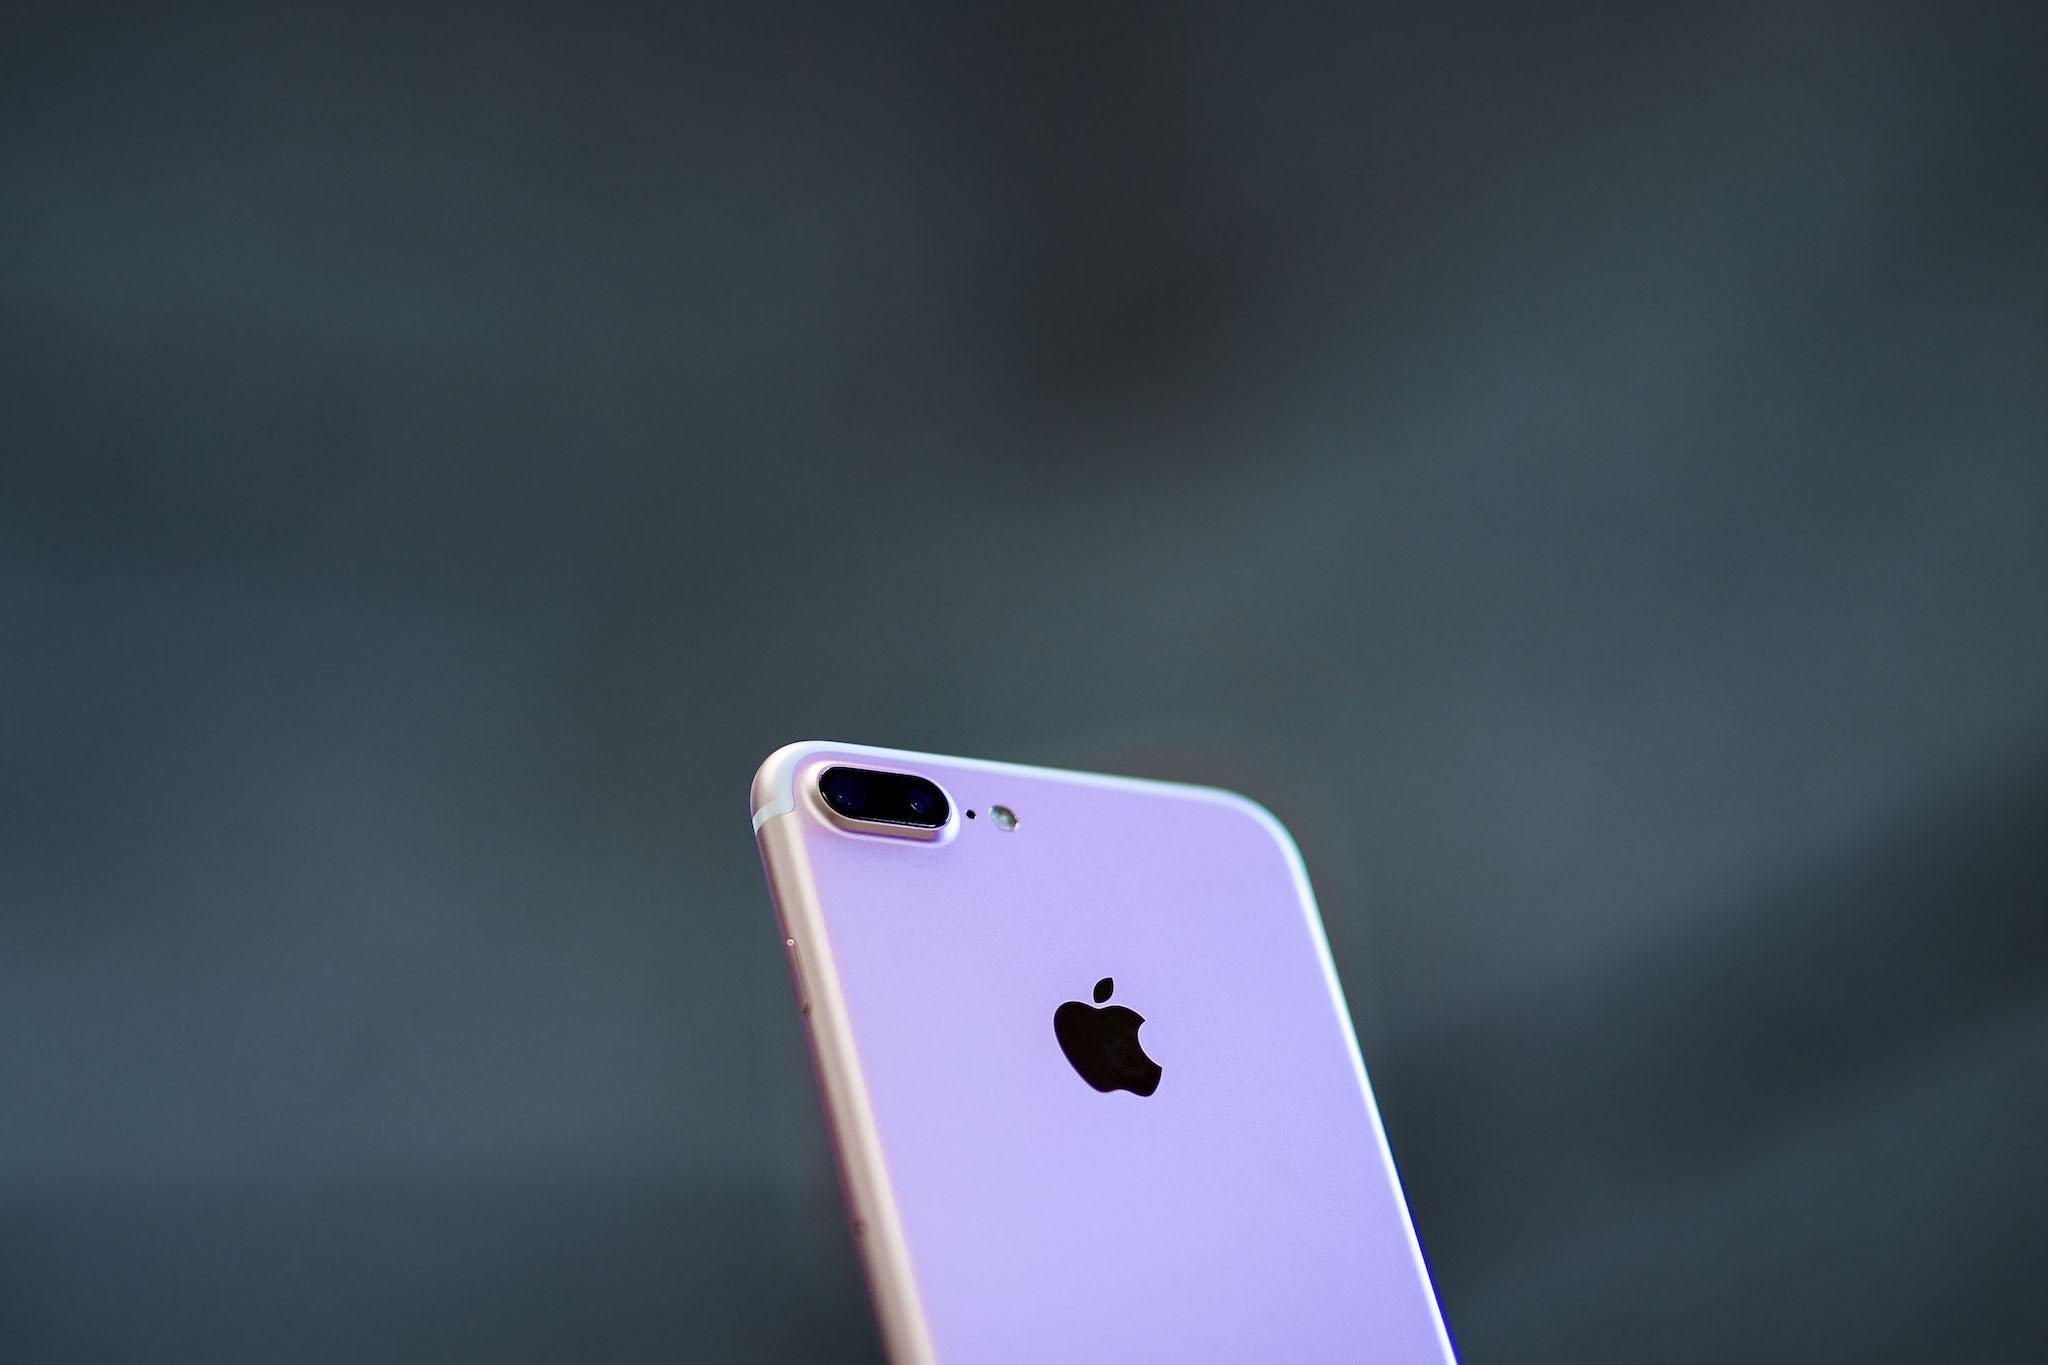 App clone iphone 6s price in india 64gb rose gold colour